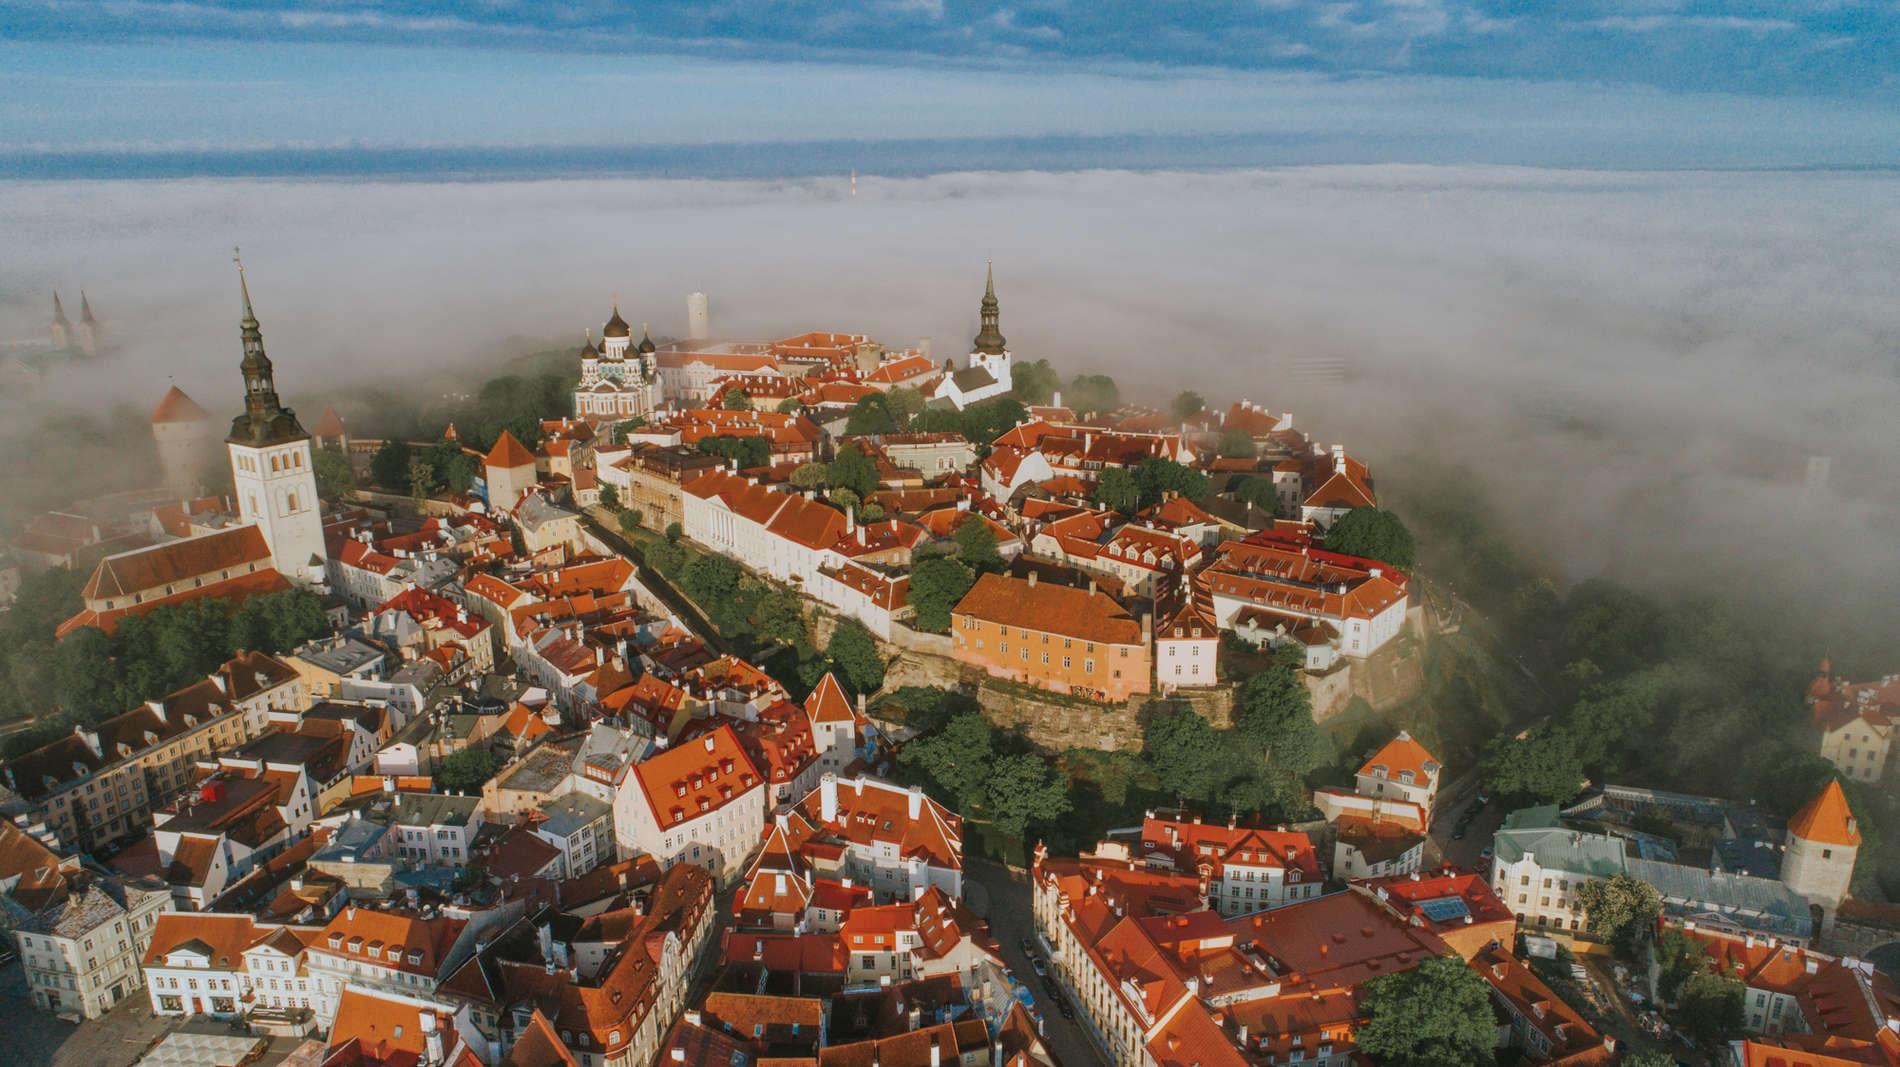 12cd37deb91 Tallinna kui kultuuriturismisihtkoha kuvand on rõõmustavalt positiivne -  Uudised turismiprofessionaalile - Visit Tallinn